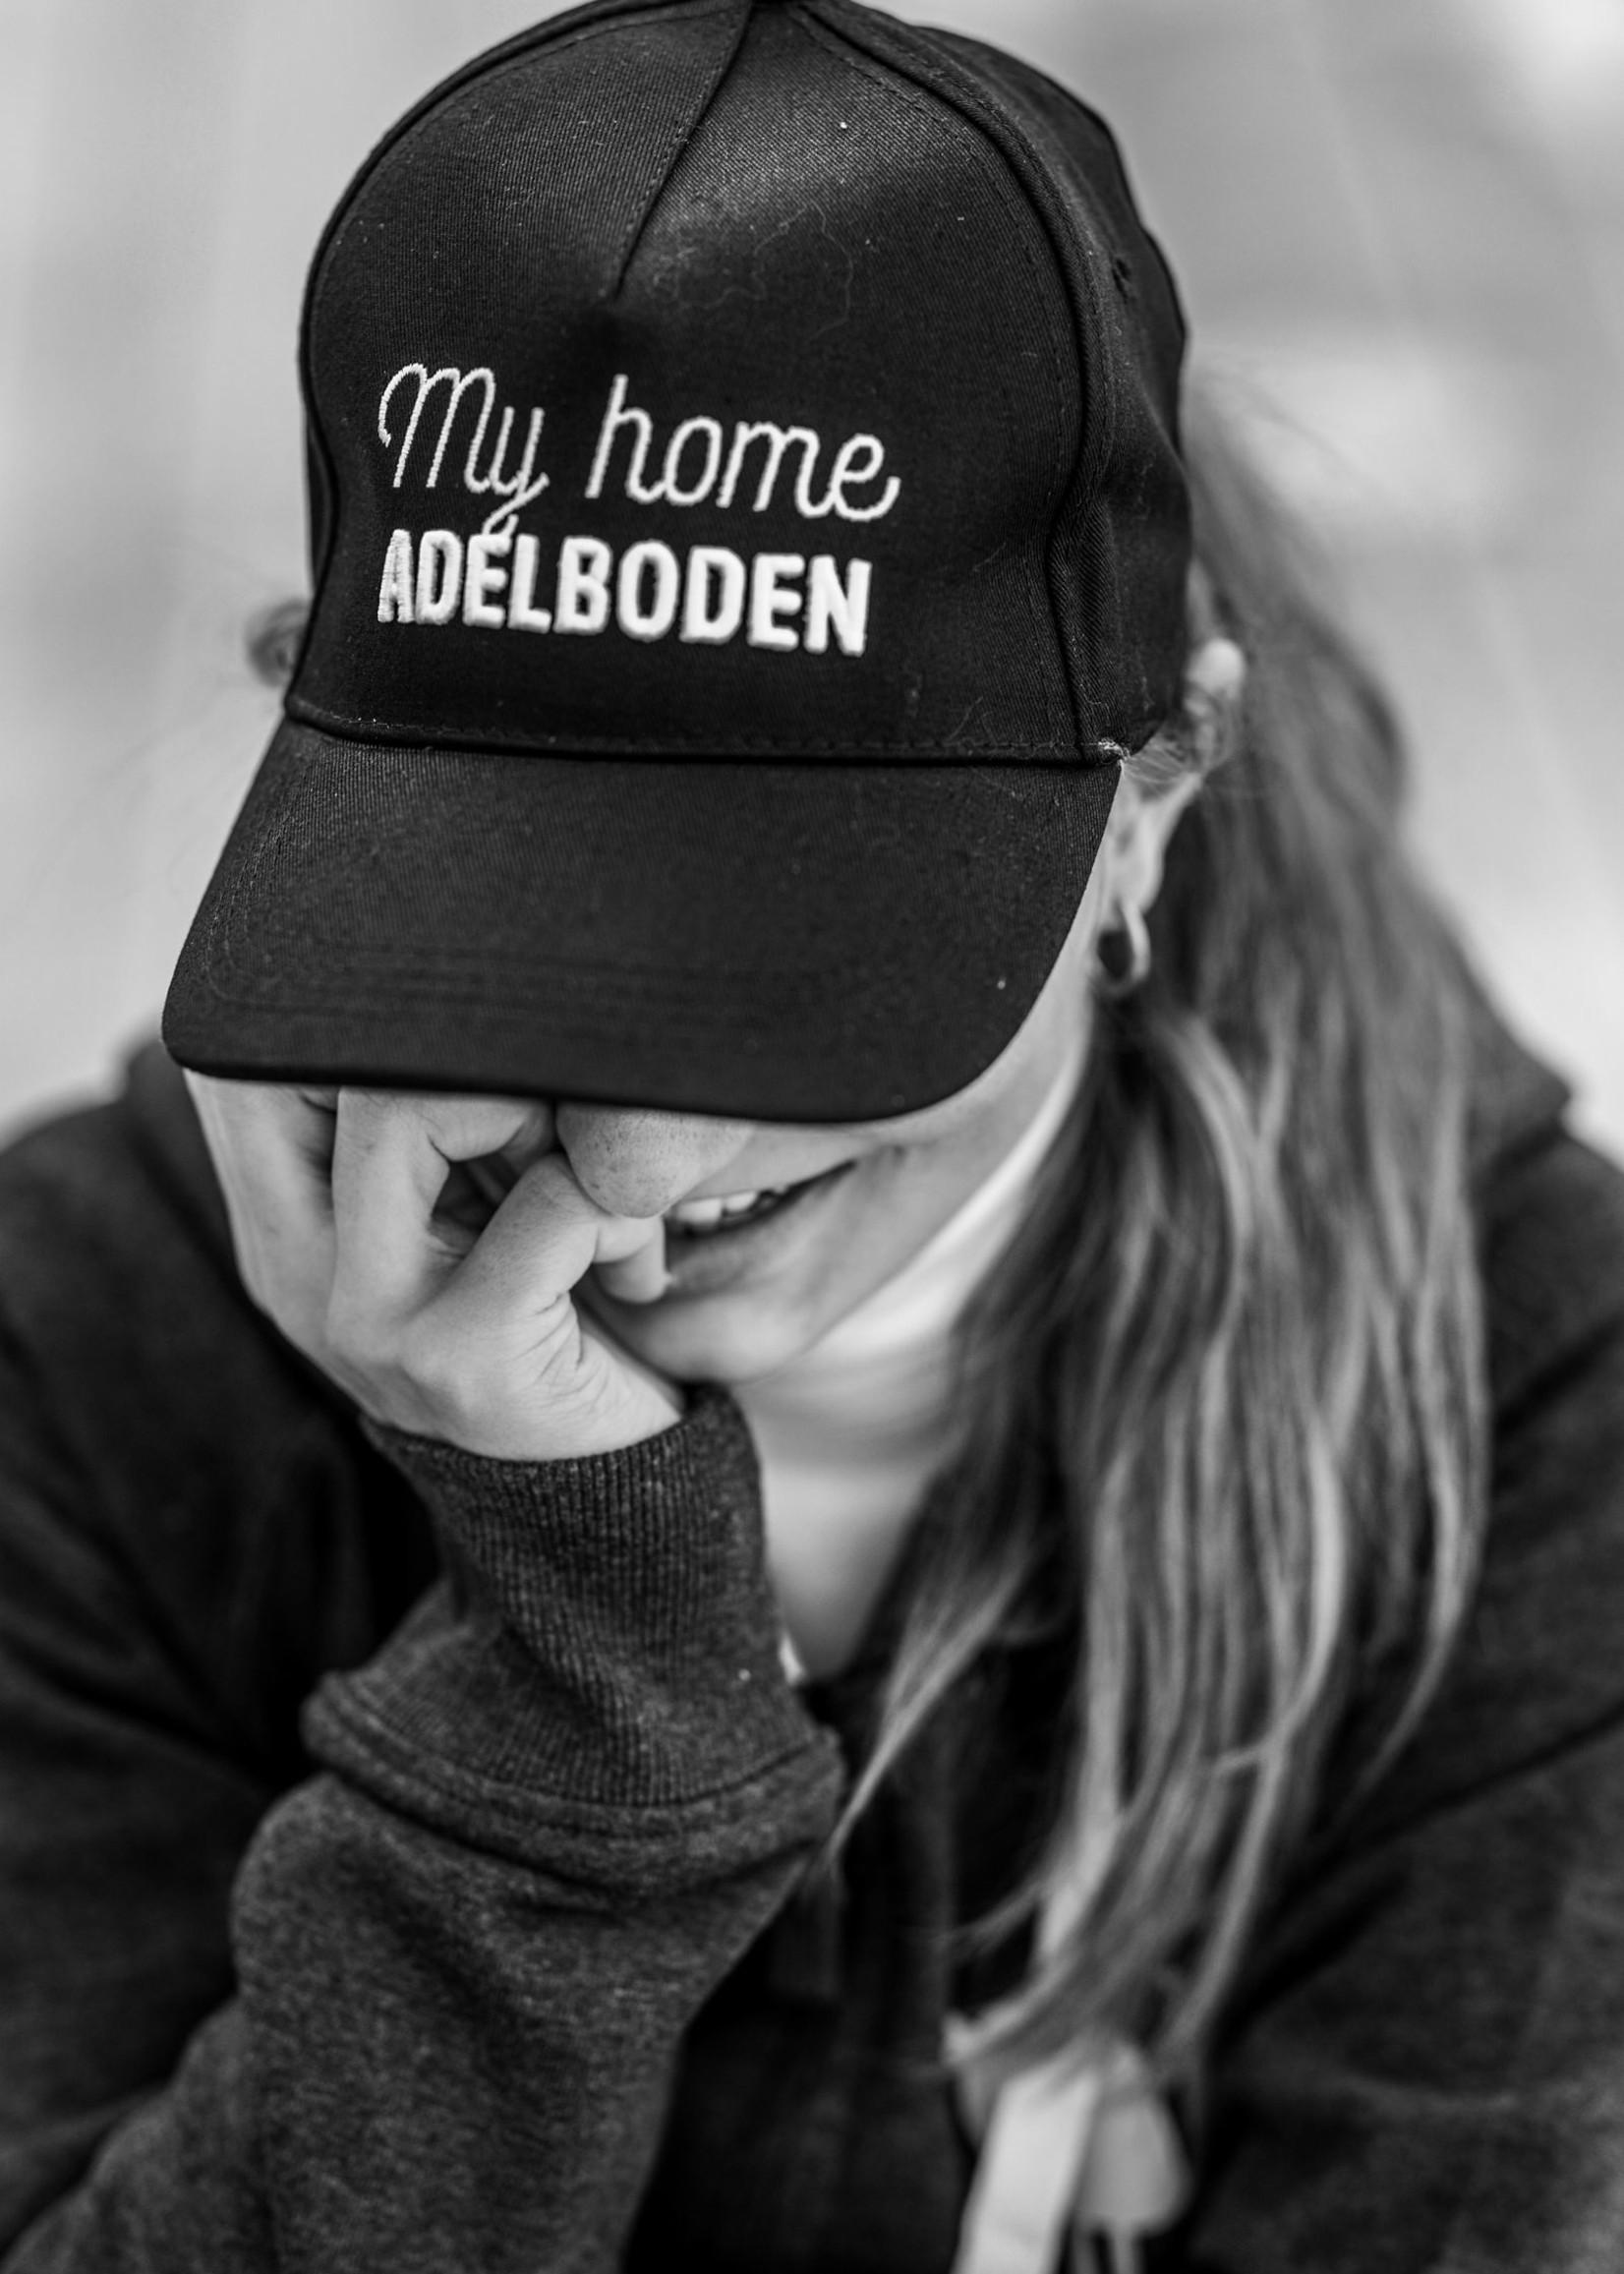 My Home Adelboden Cap